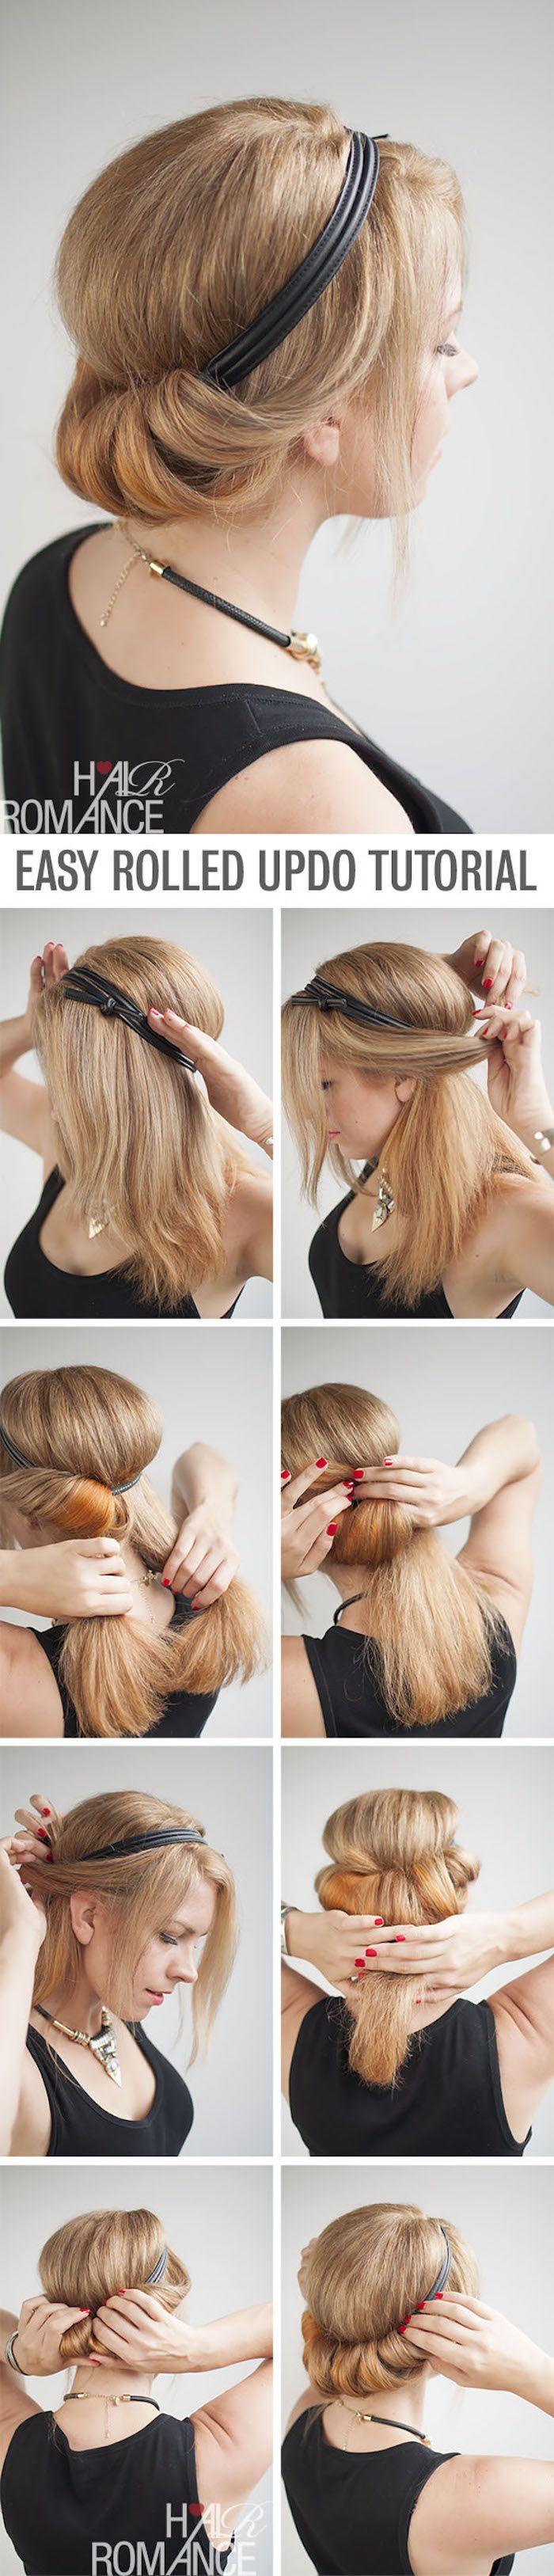 1001 Inspirierende Ideen Fur Einfache Frisuren Fur Den Alltag Frisuren 20er Jahre Frisur Hippie Frisur